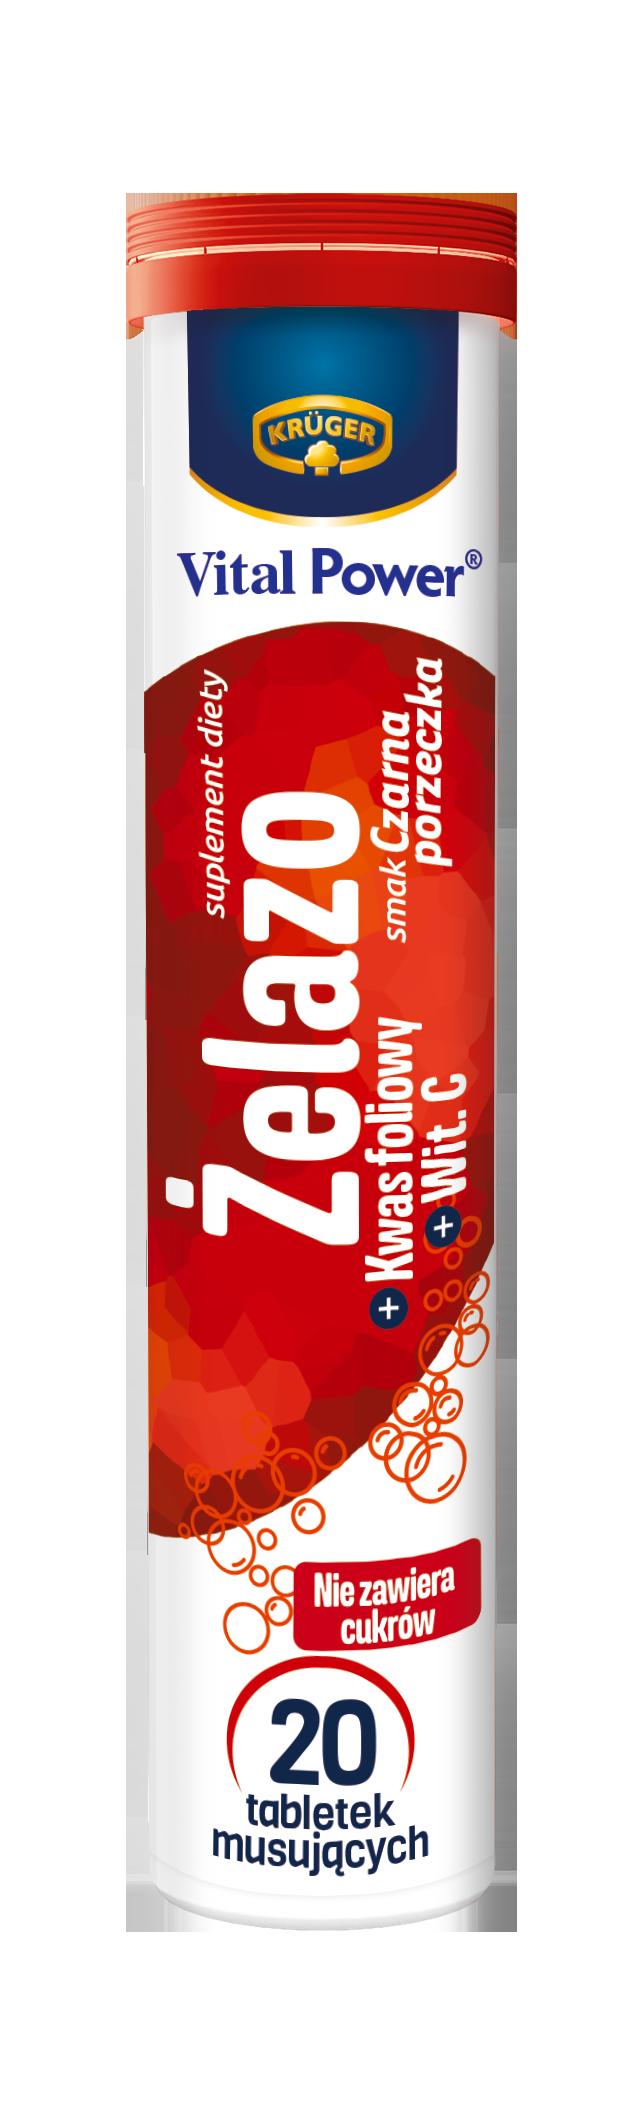 Krüger Żelazo + kwas foliowy + wit. C Suplement diety. Tabletki musujące o smaku czarnej porzeczki